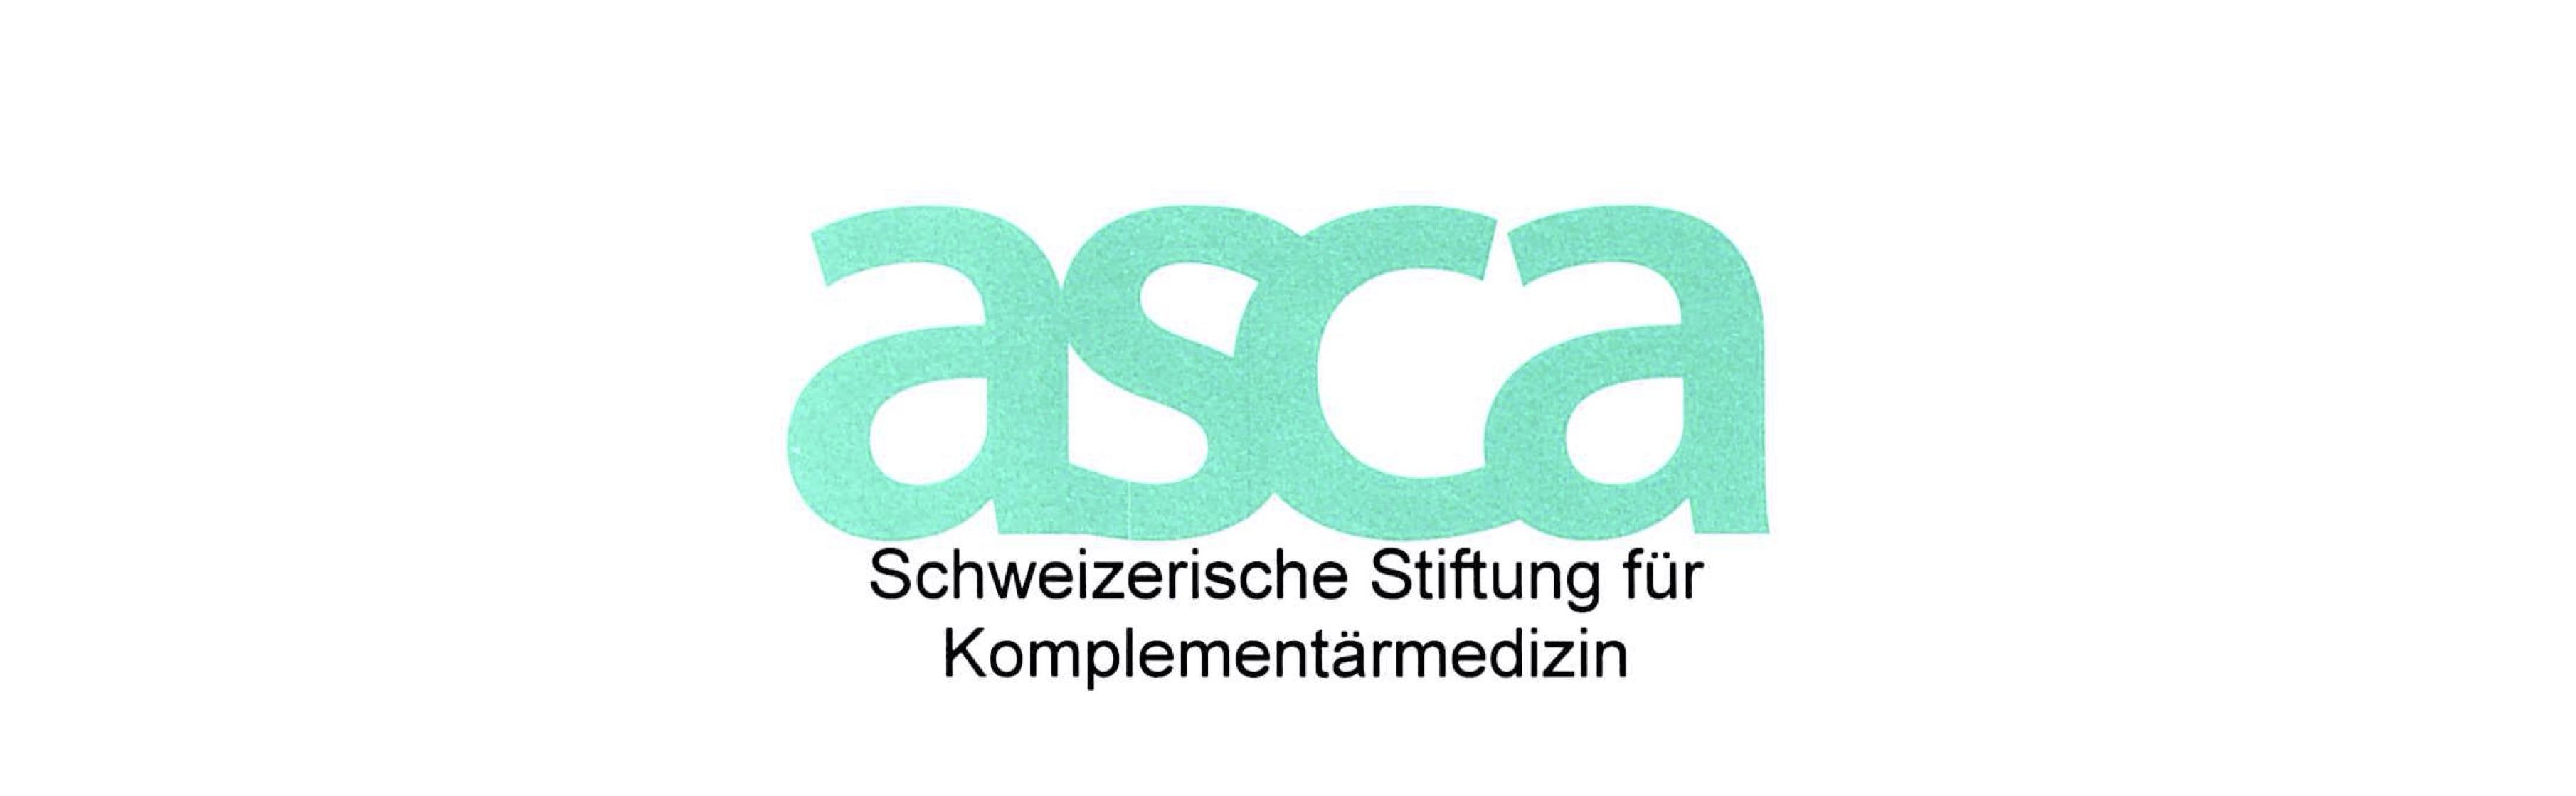 ASCA – Anerkennung 2021